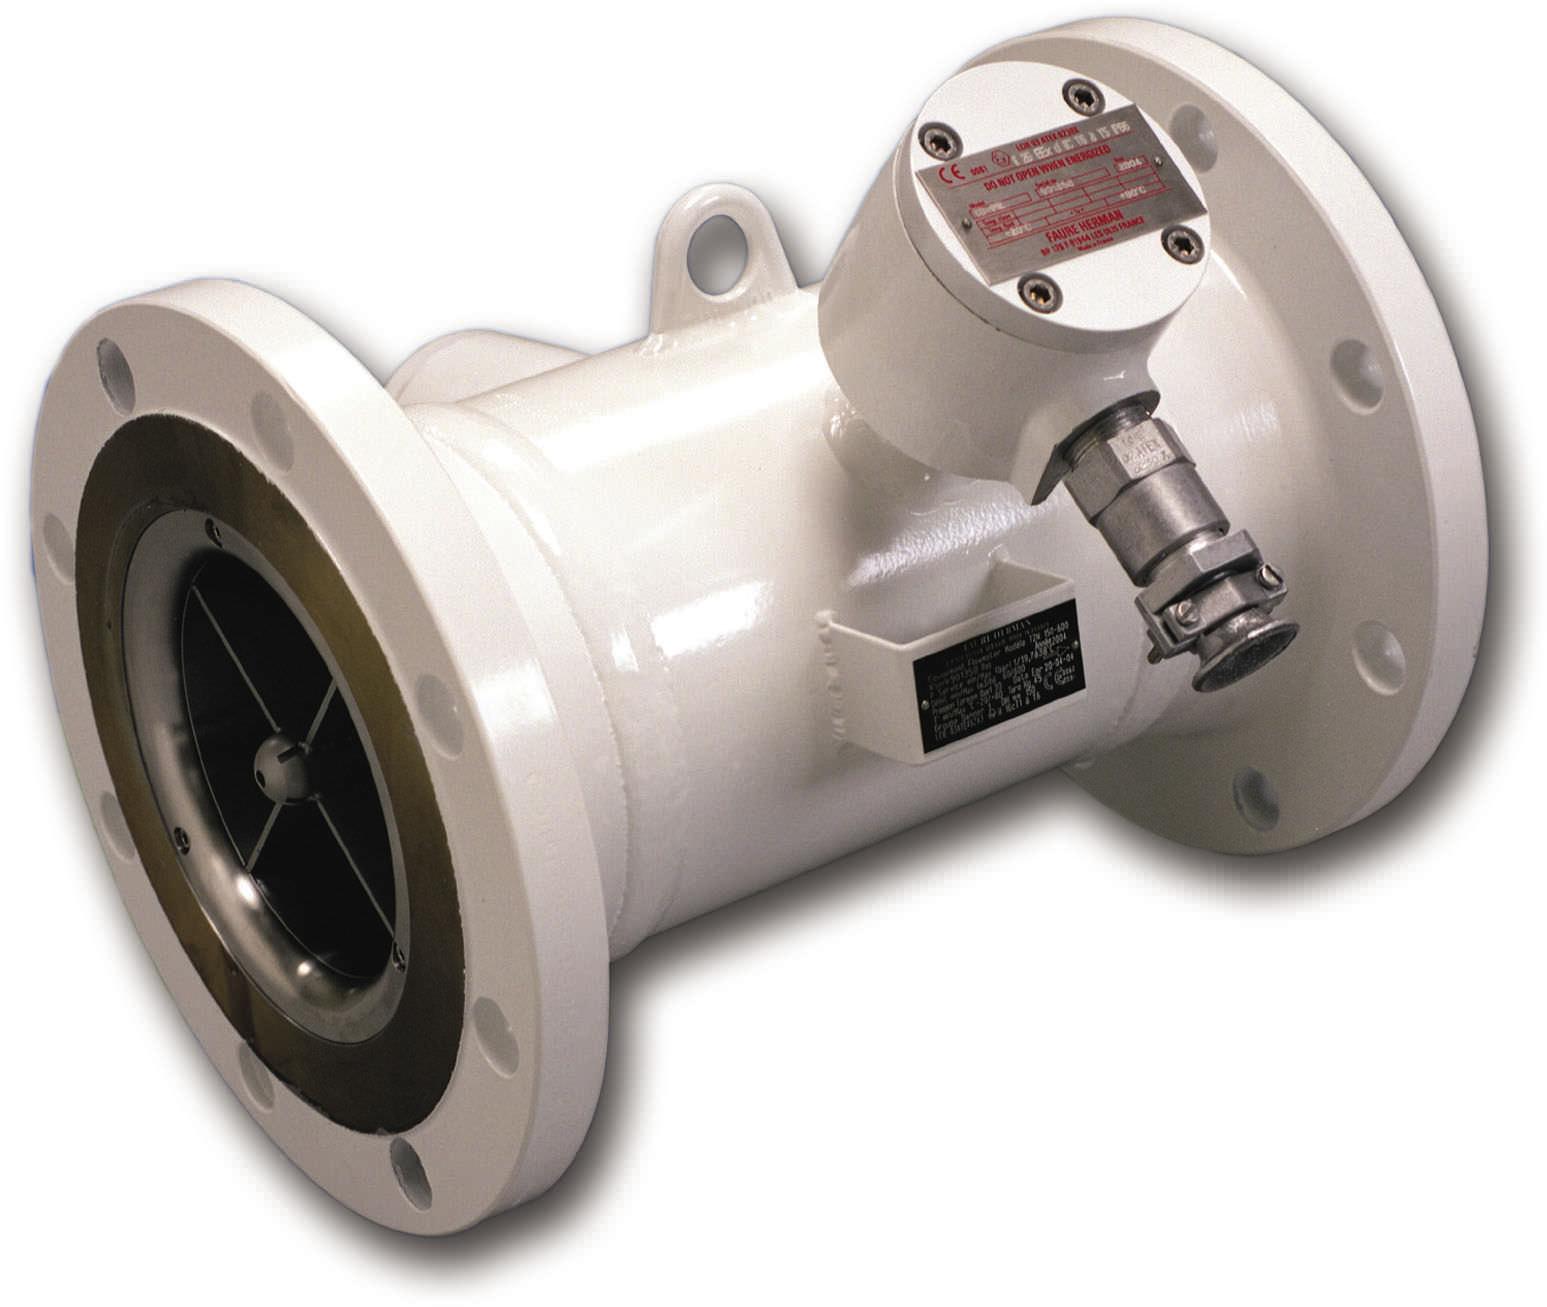 Turbine flow meter for liquids in line HELIFLU™ TZN FAURE